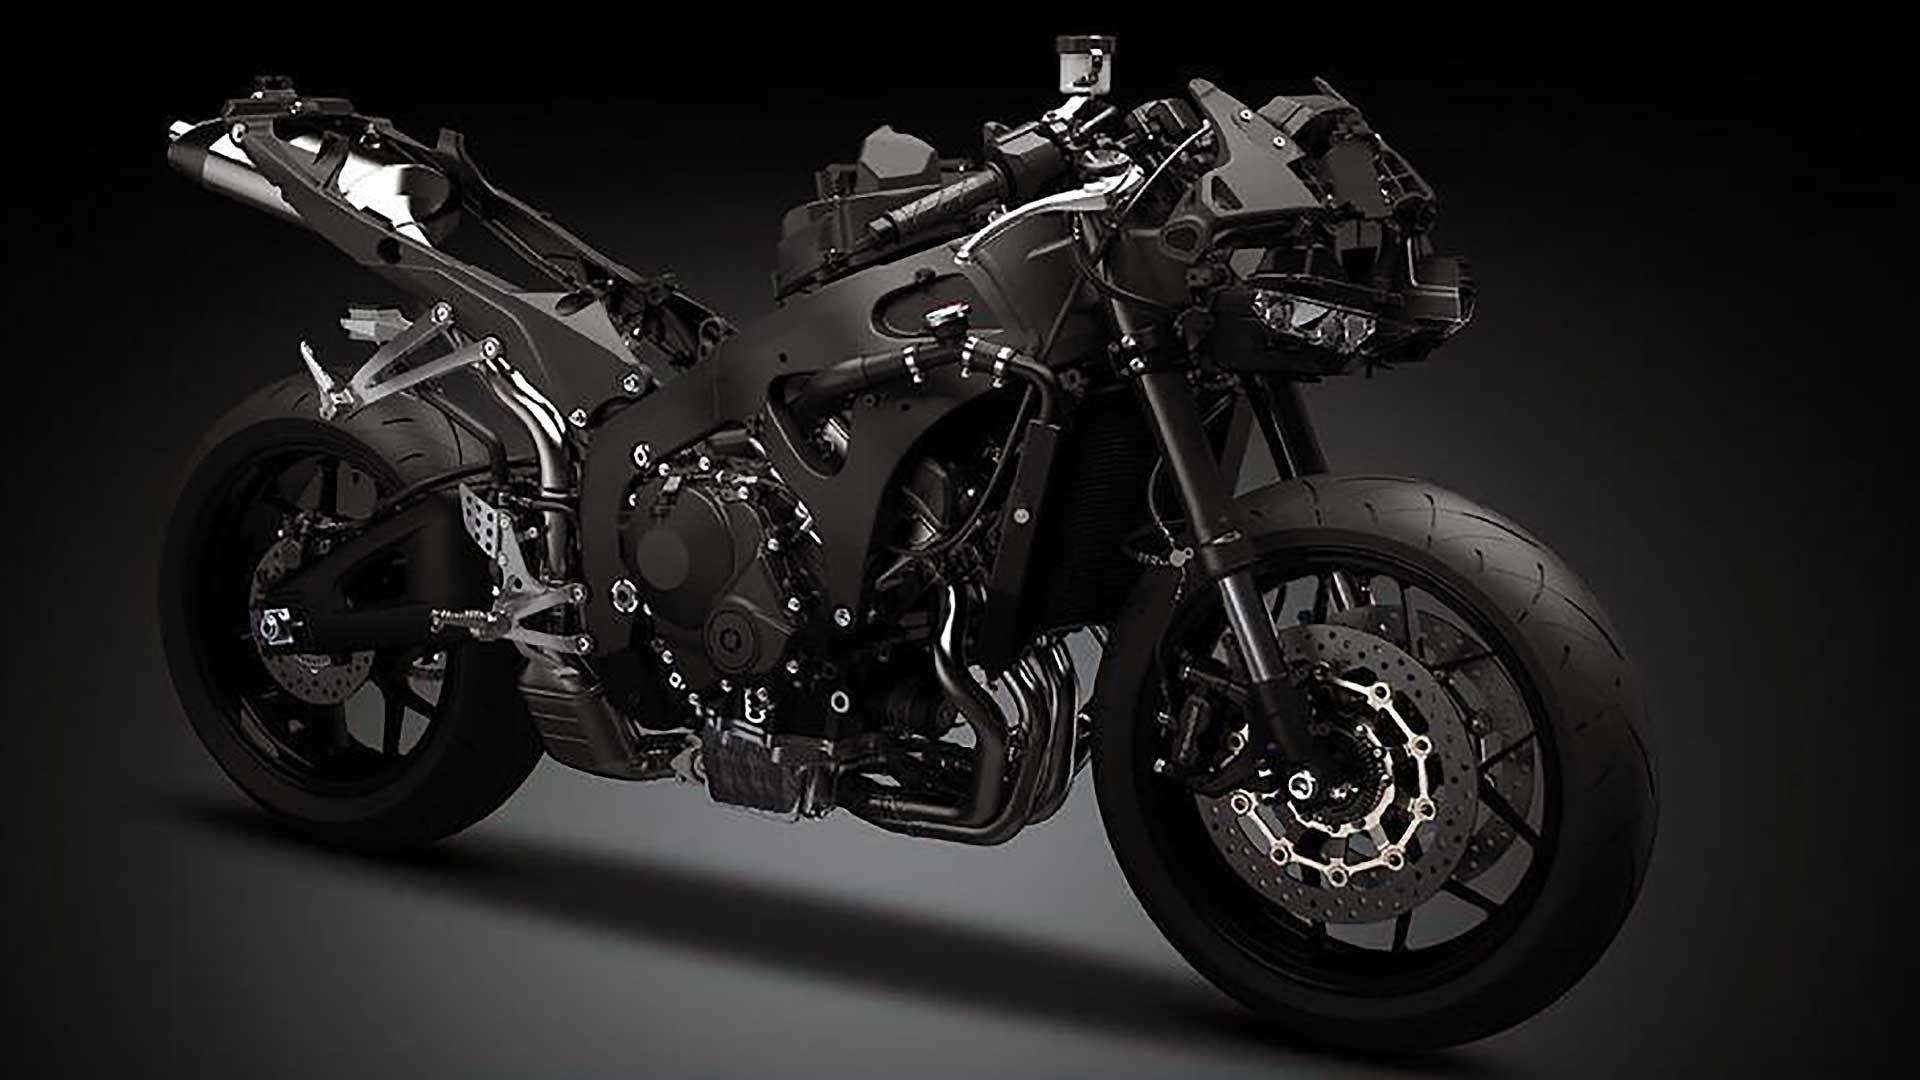 Honda CBR600RR 2021 moto spogliata